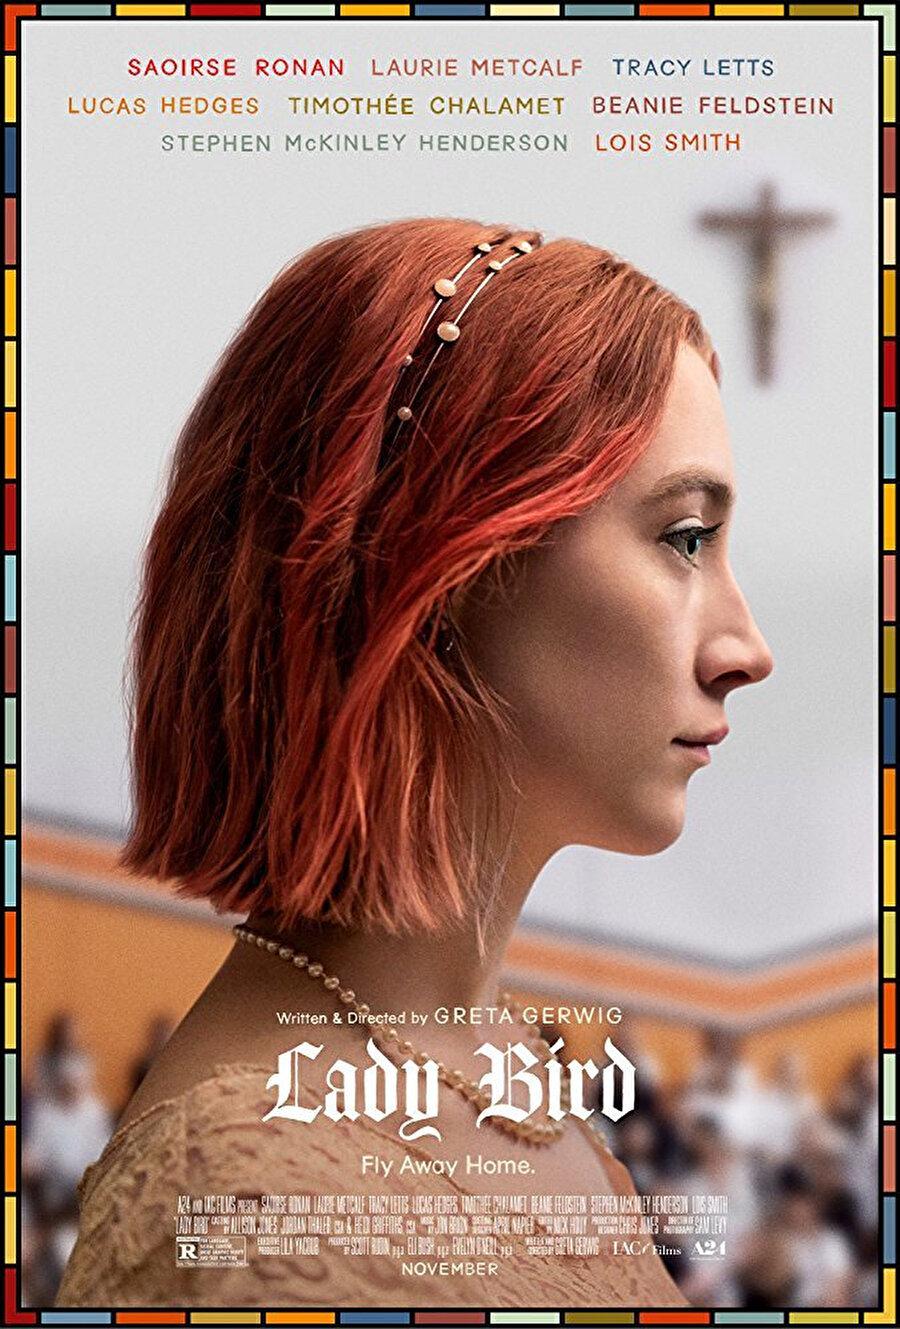 2002 yılında, Sacramento Kaliforniya'da geçen film, Lady Bird lakaplı on yedi yaşında bir genç kızın hikâyesini anlatıyor. Lady Bird'ün yaşadığı tüm güzel olaylar, anne-kız ilişkisinin zorlukları, büyümenin bedelleri ve yuva özlemiyle sınanıyor.